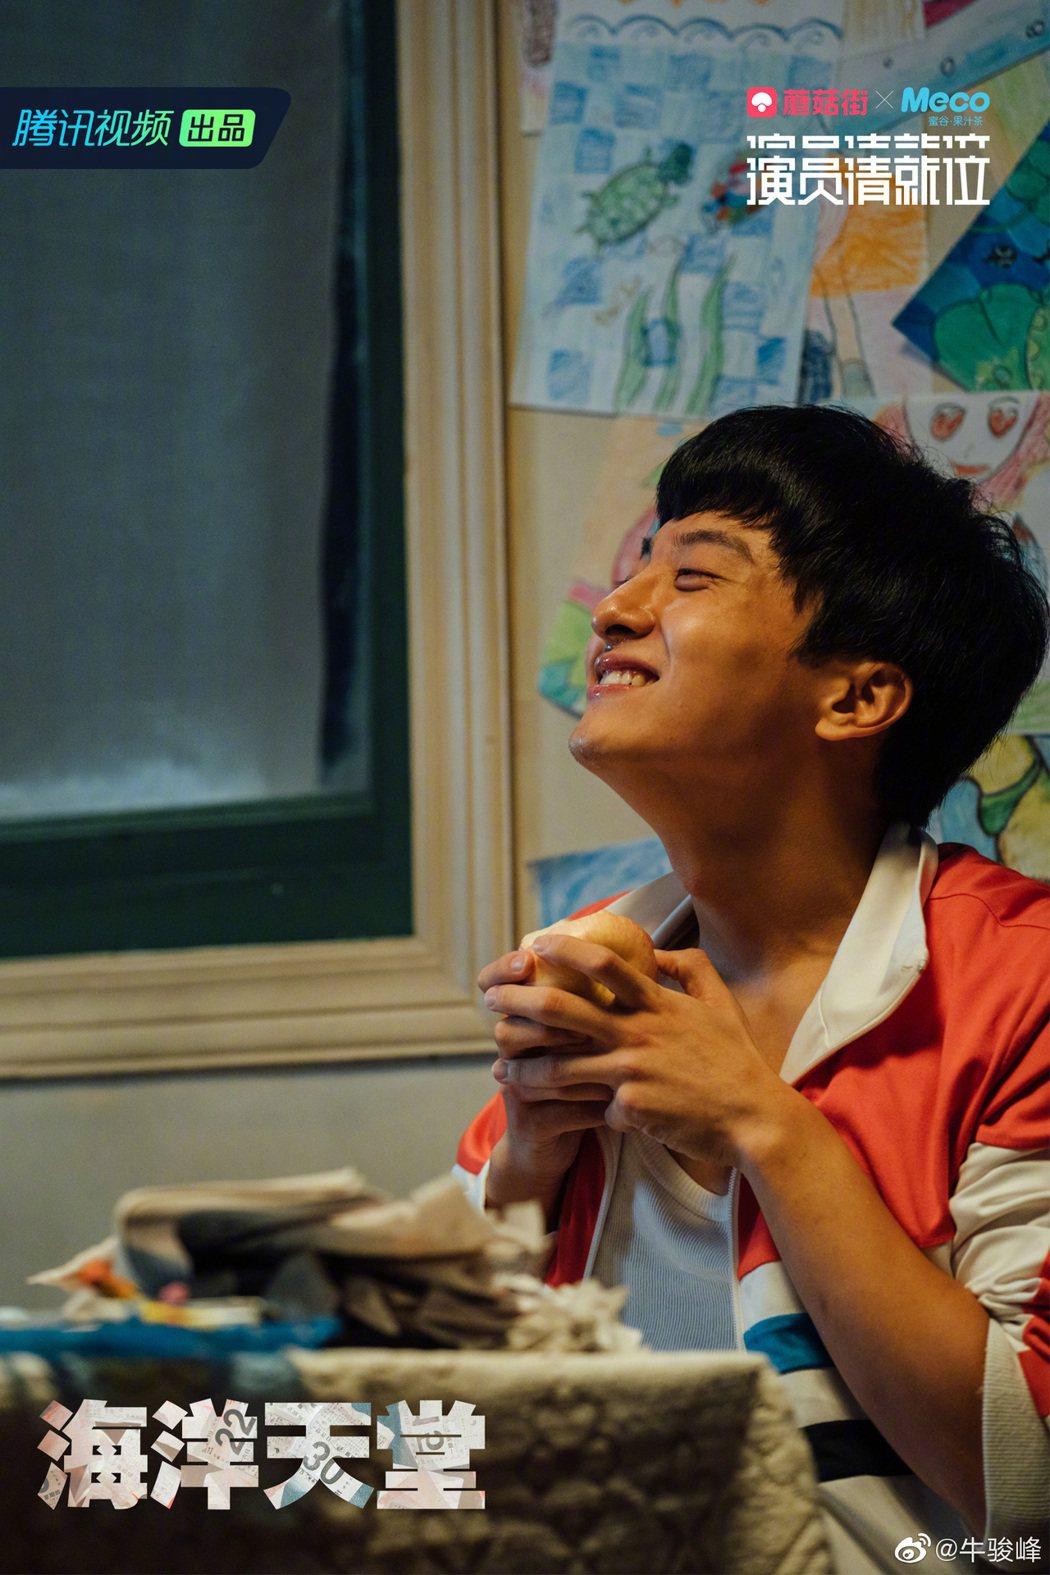 牛駿峰演出「海洋天堂」中的自閉症患者。圖/擷自微博